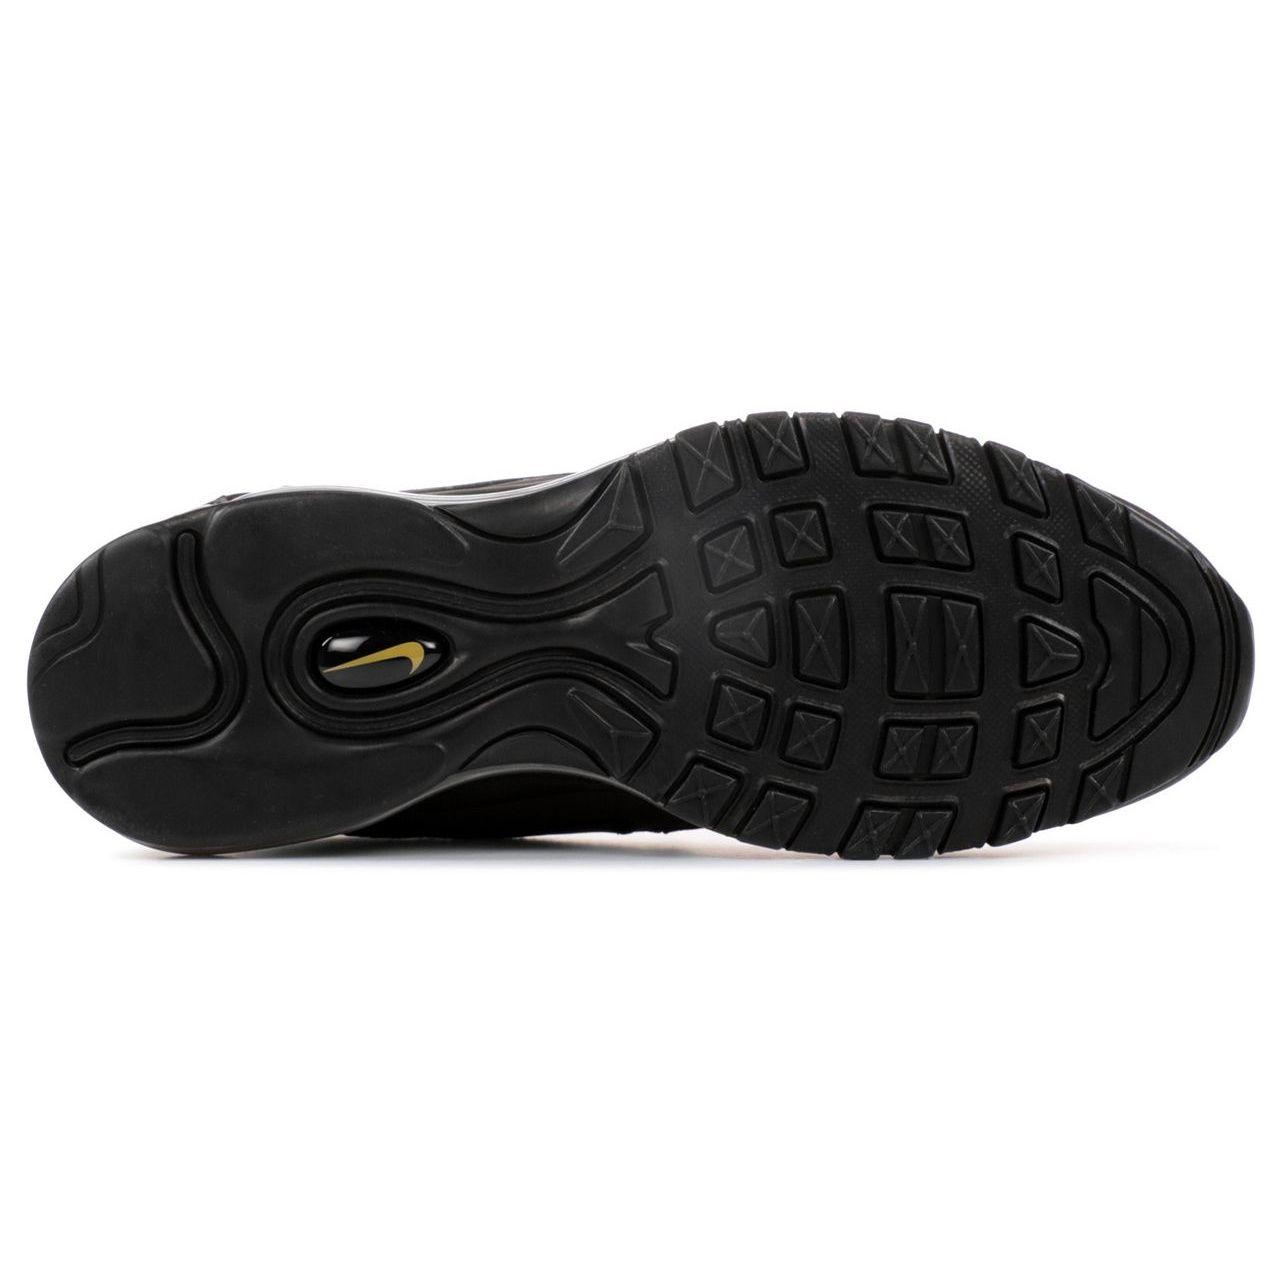 کفش ورزشی مردانه نایکی مدل AIR MAX 97 PRM -  - 5